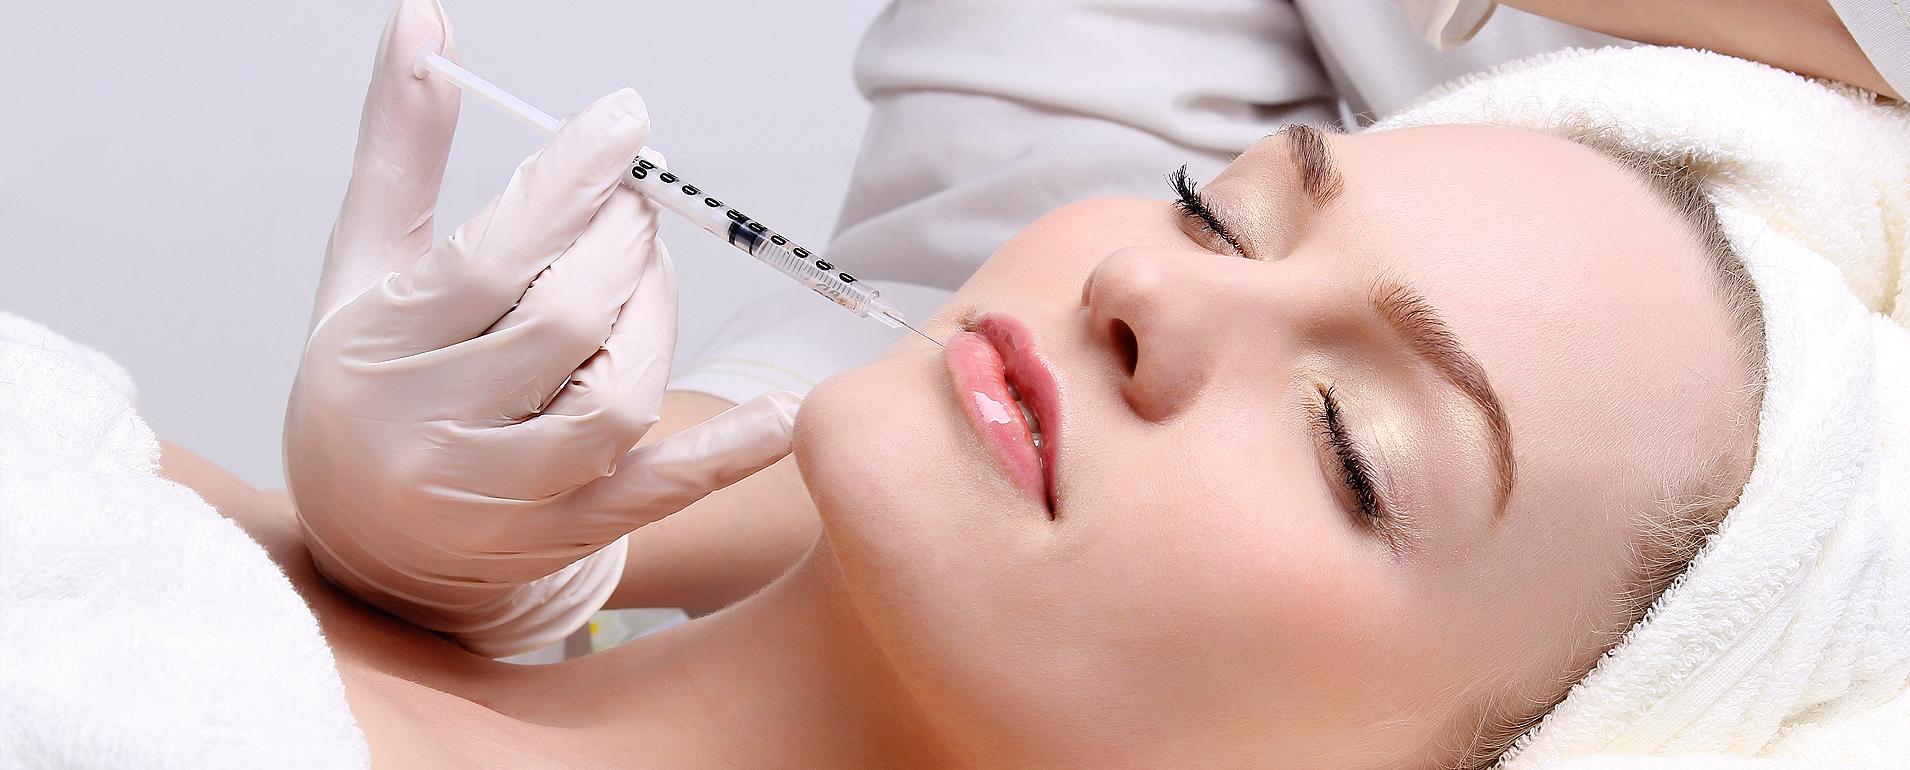 Мезотерапия лица помогает бороться с признаками старения кожи